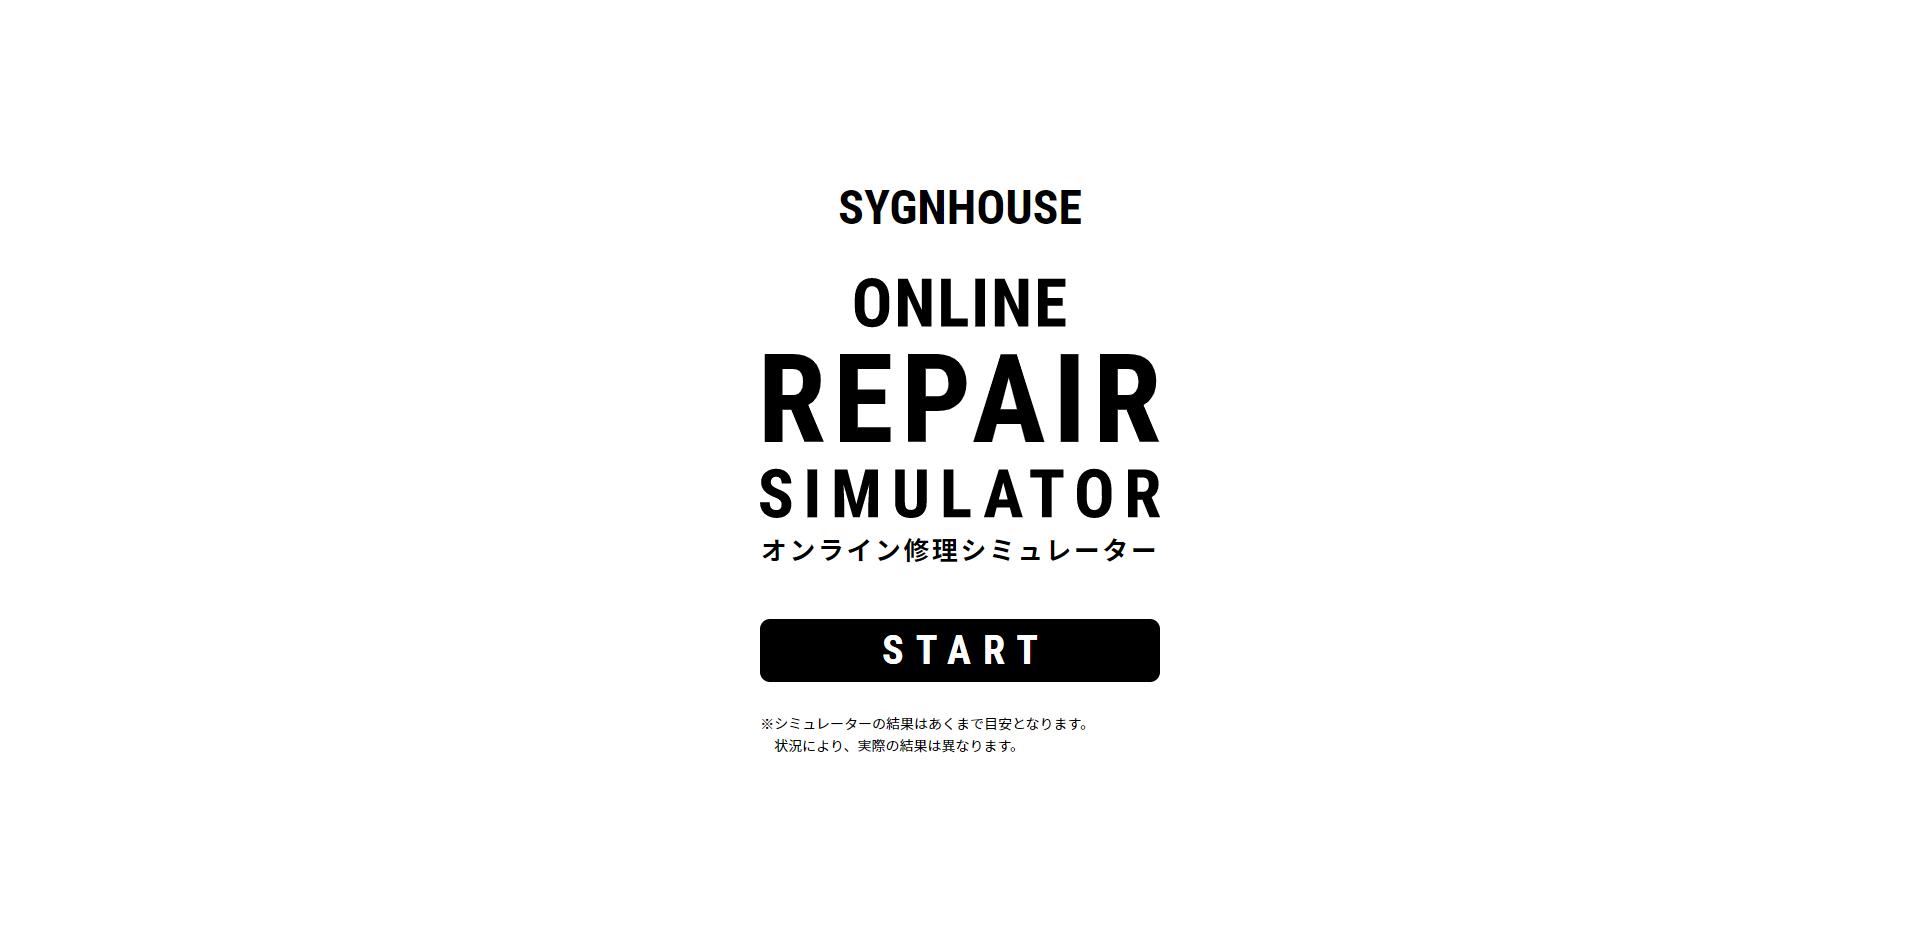 サインハウス オンライン修理シミュレーター公開